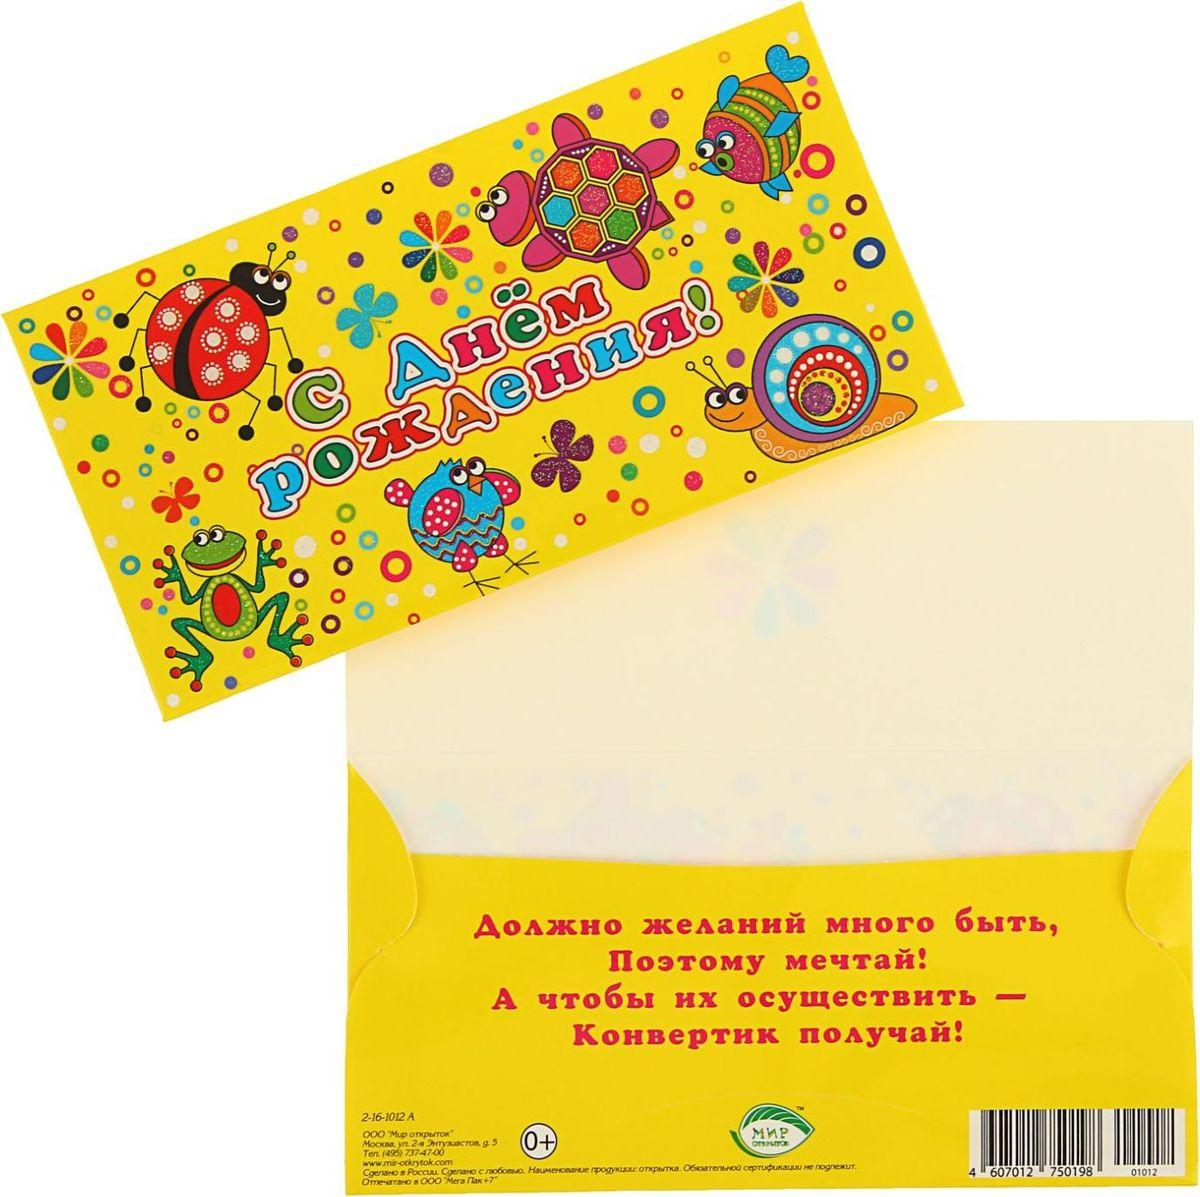 """Конверт для денег """"Мир открыток"""" выполненный из плотной бумаги, прекрасно подойдет для  вручения денежного подарка. Лицевая сторона конверта украшена ярким орнаментом. Внутри  находится отделения для бумажных денег.  Подарок в таком конверте будет выглядеть ярко и стильно!"""